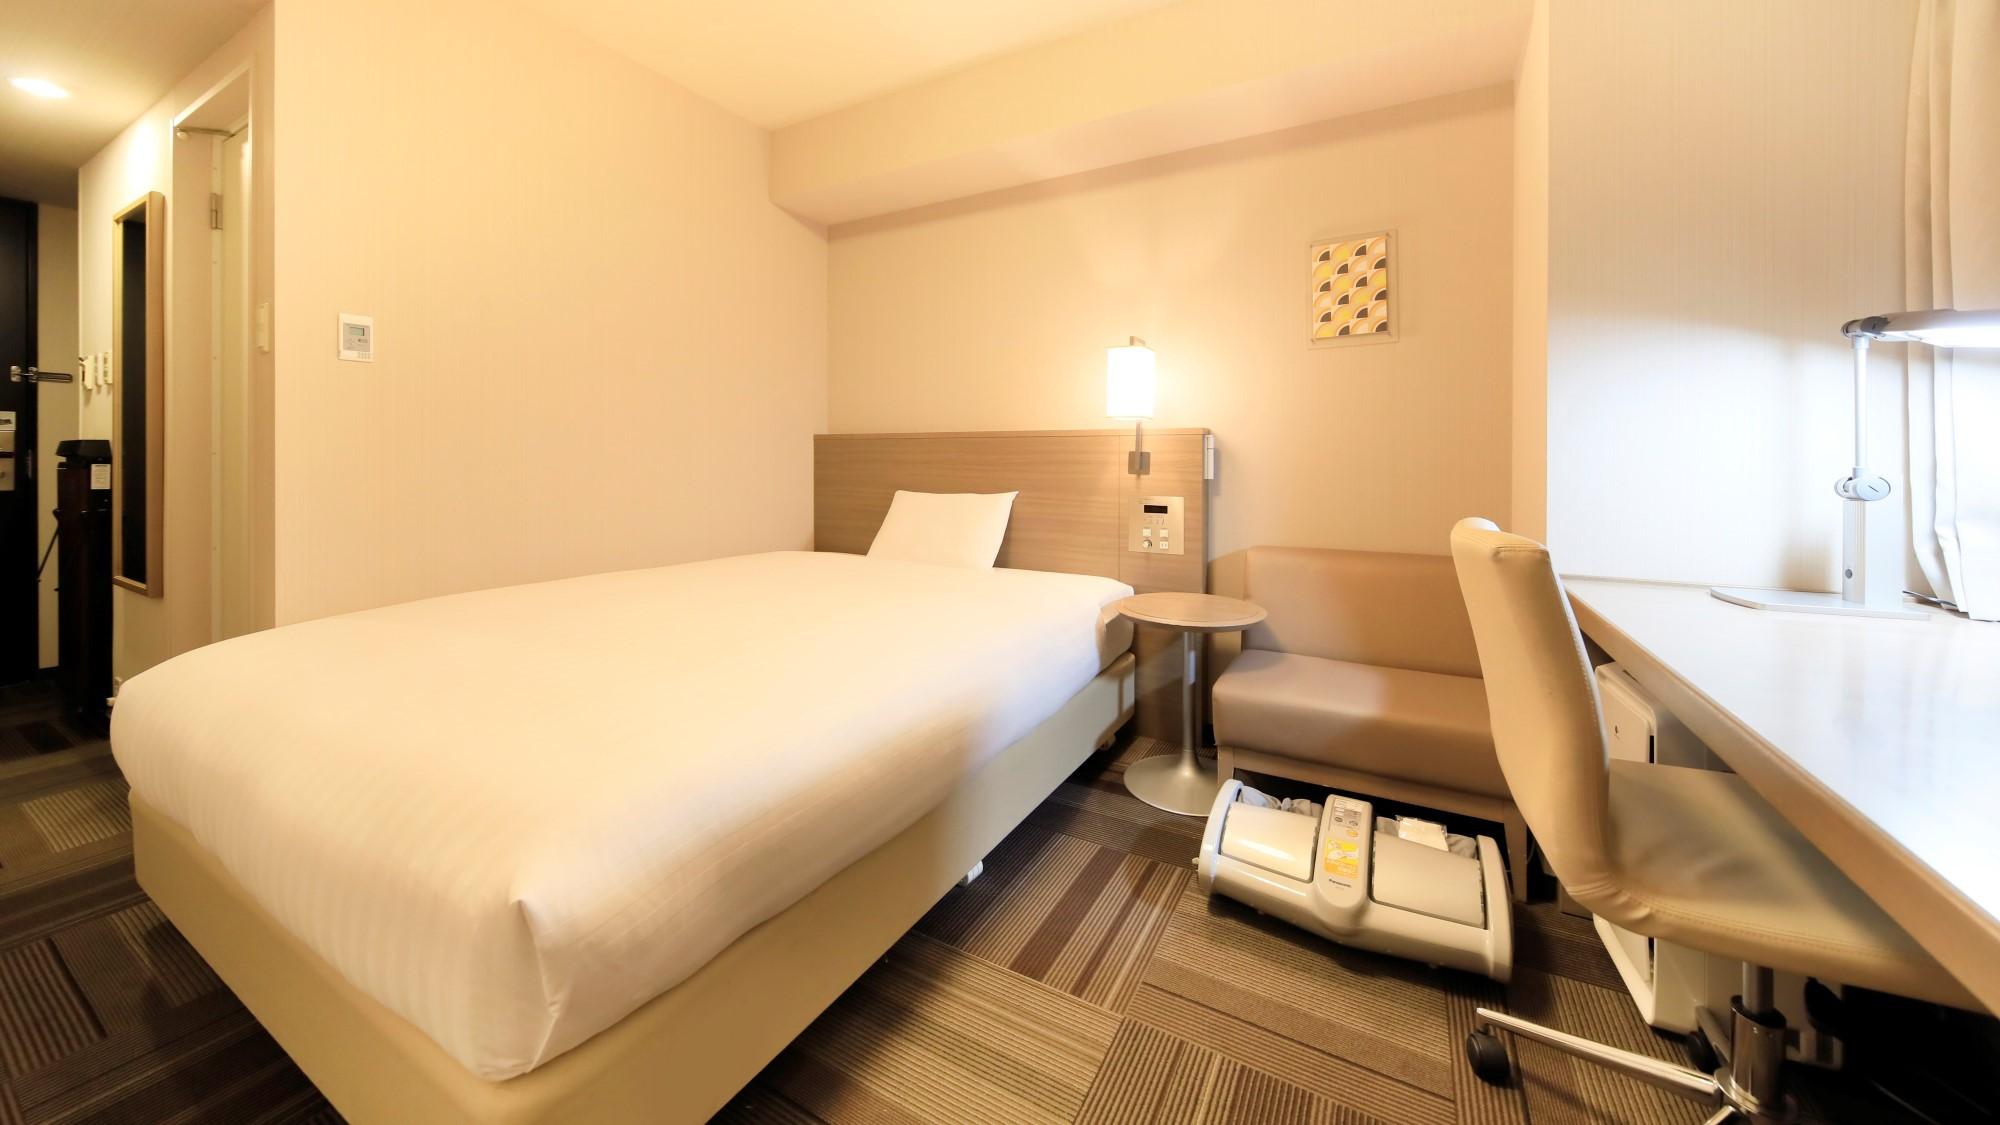 ダイワロイネットホテル盛岡 image